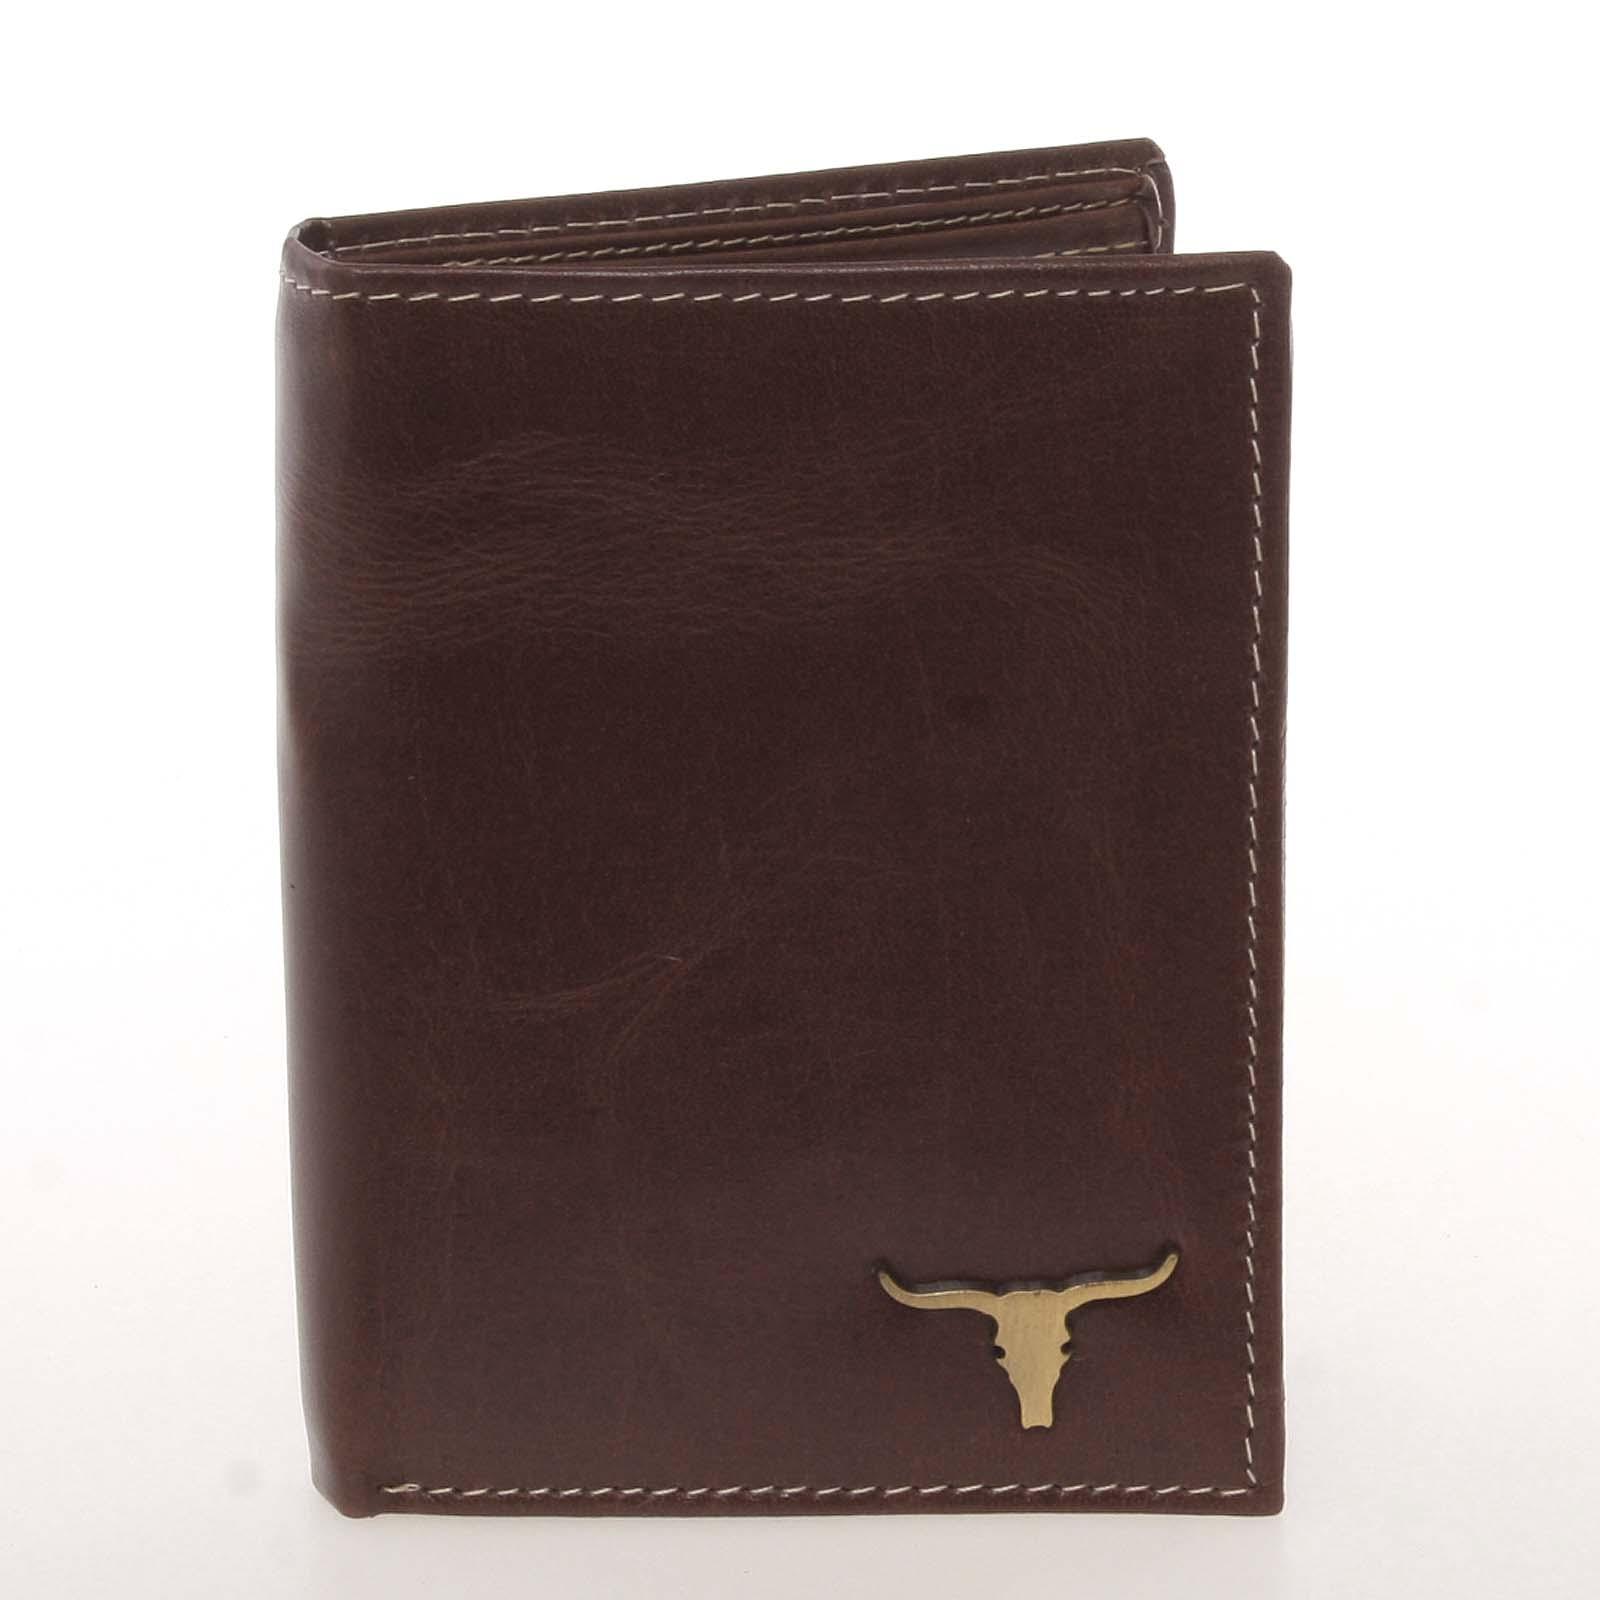 Kvalitní pánská kožená hnědá peněženka - BUFFALO Paden hnědá